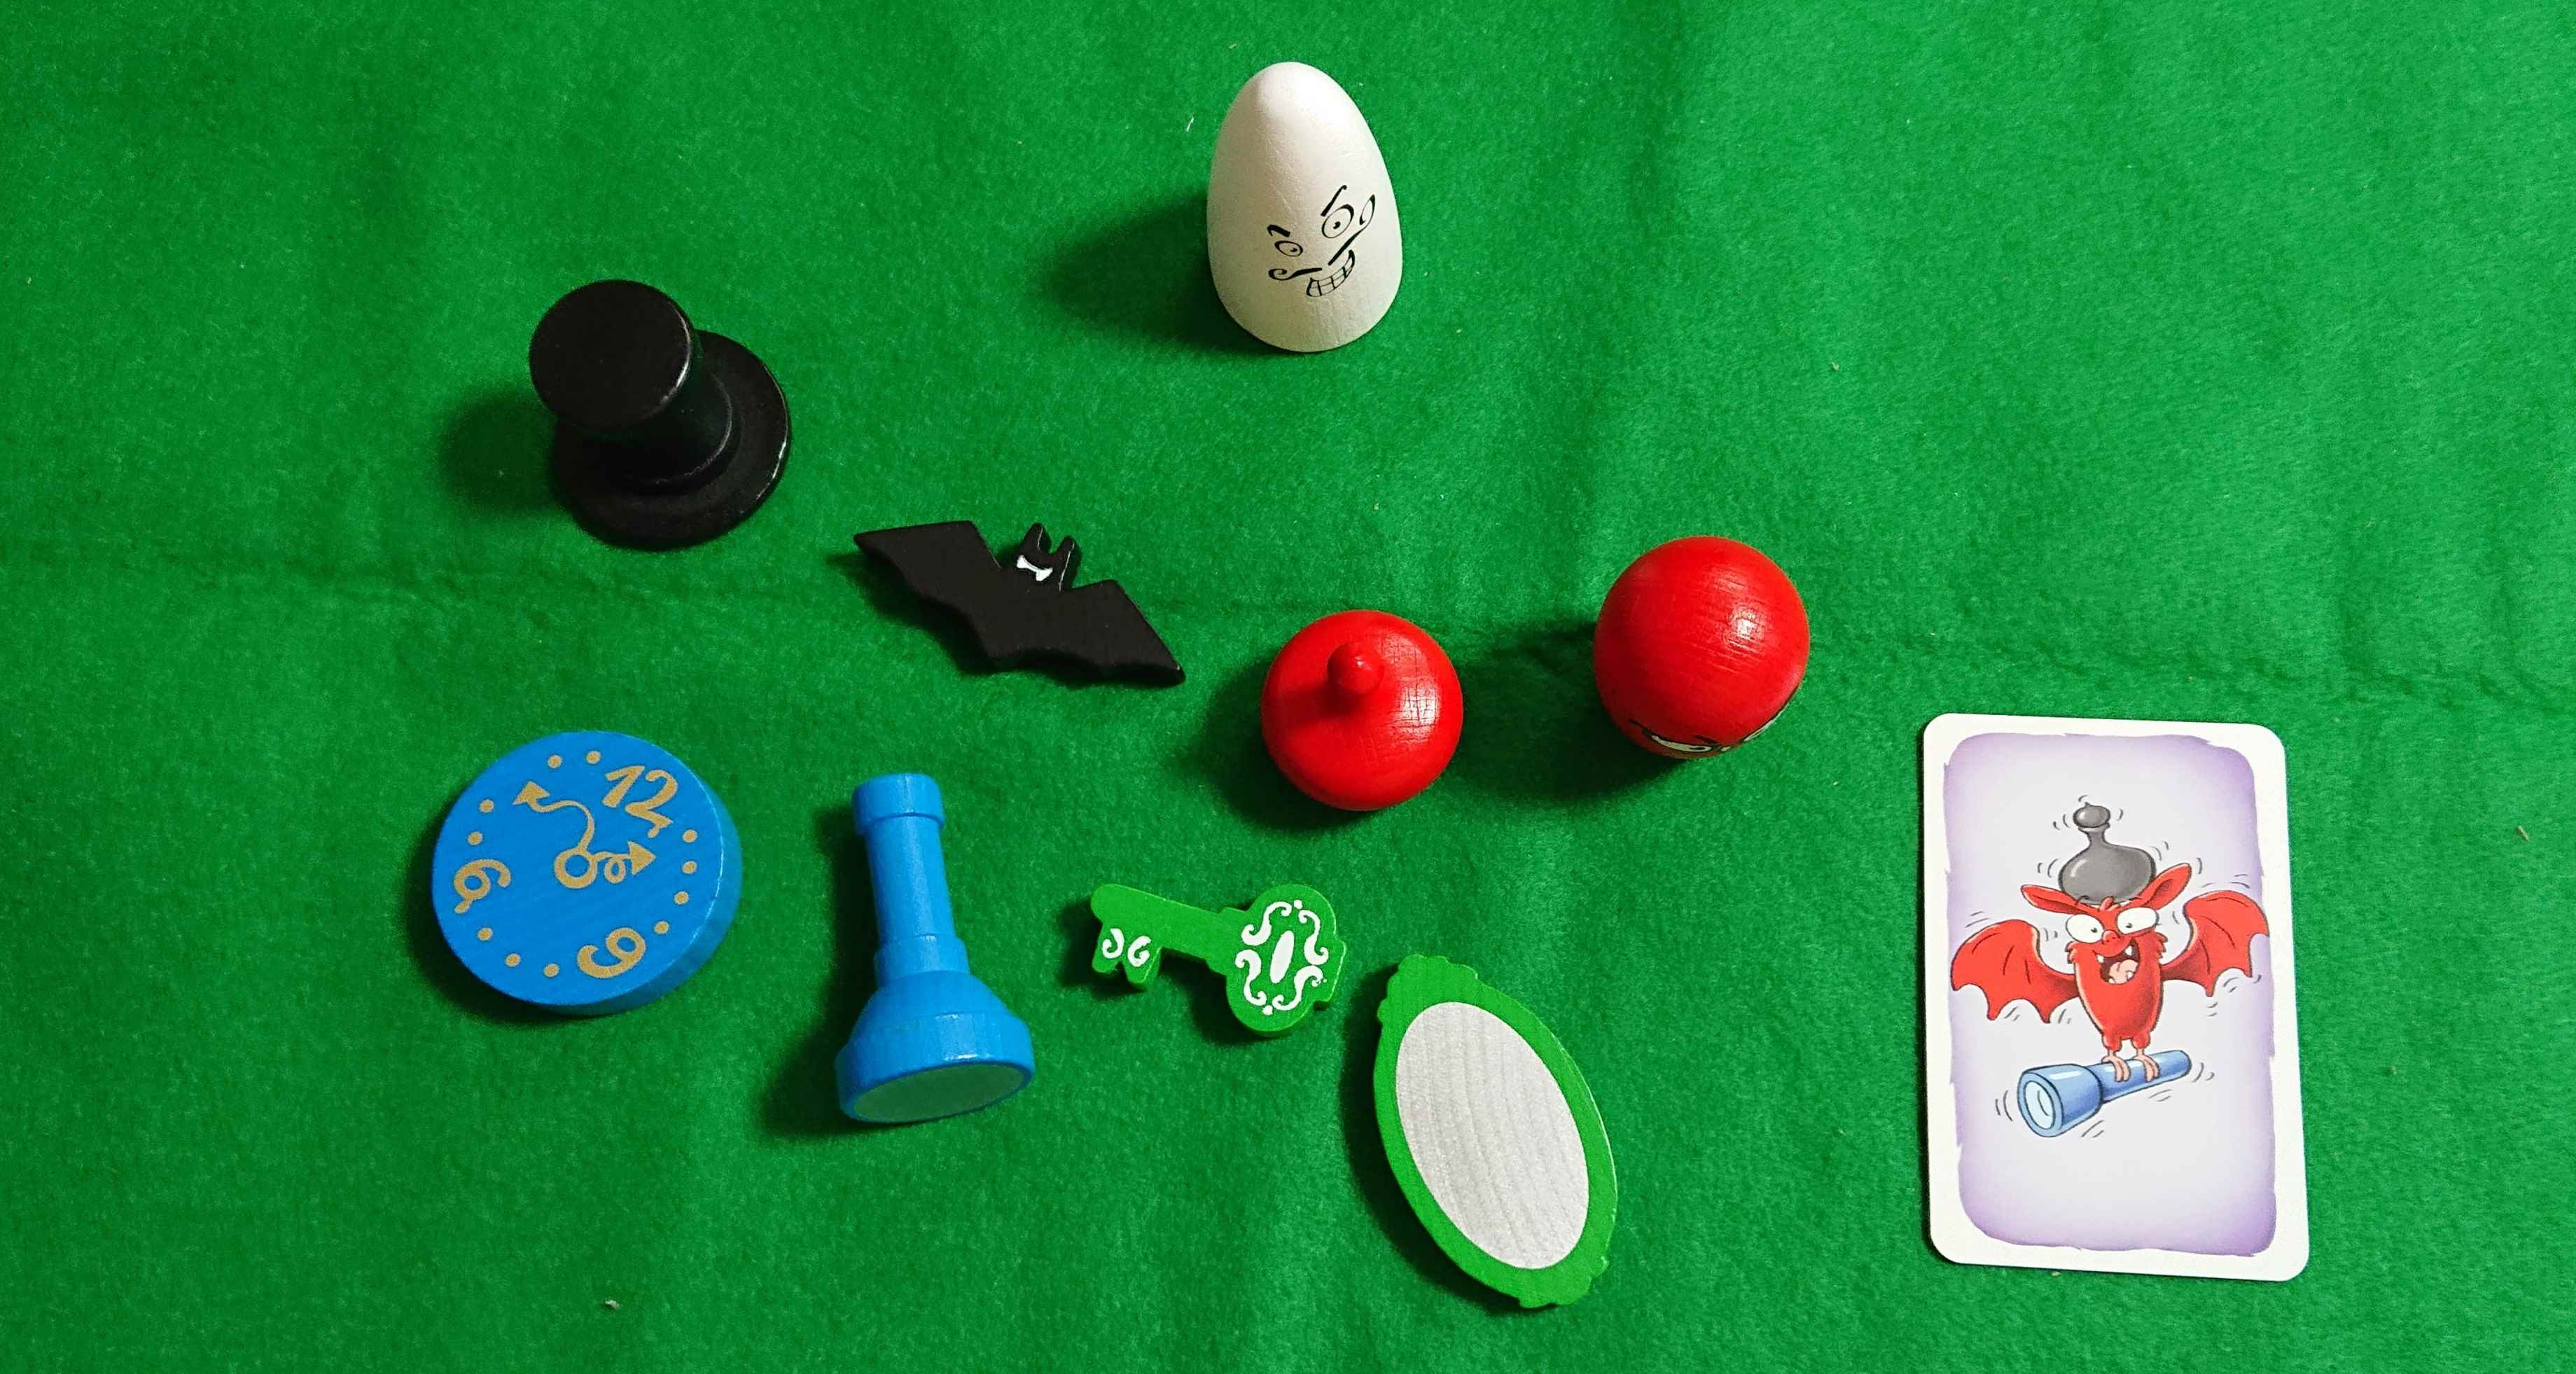 おばけキャッチ名人技 反射神経型のカードゲーム ボードゲーム 難しすぎる!!!解りますか? ルール説明